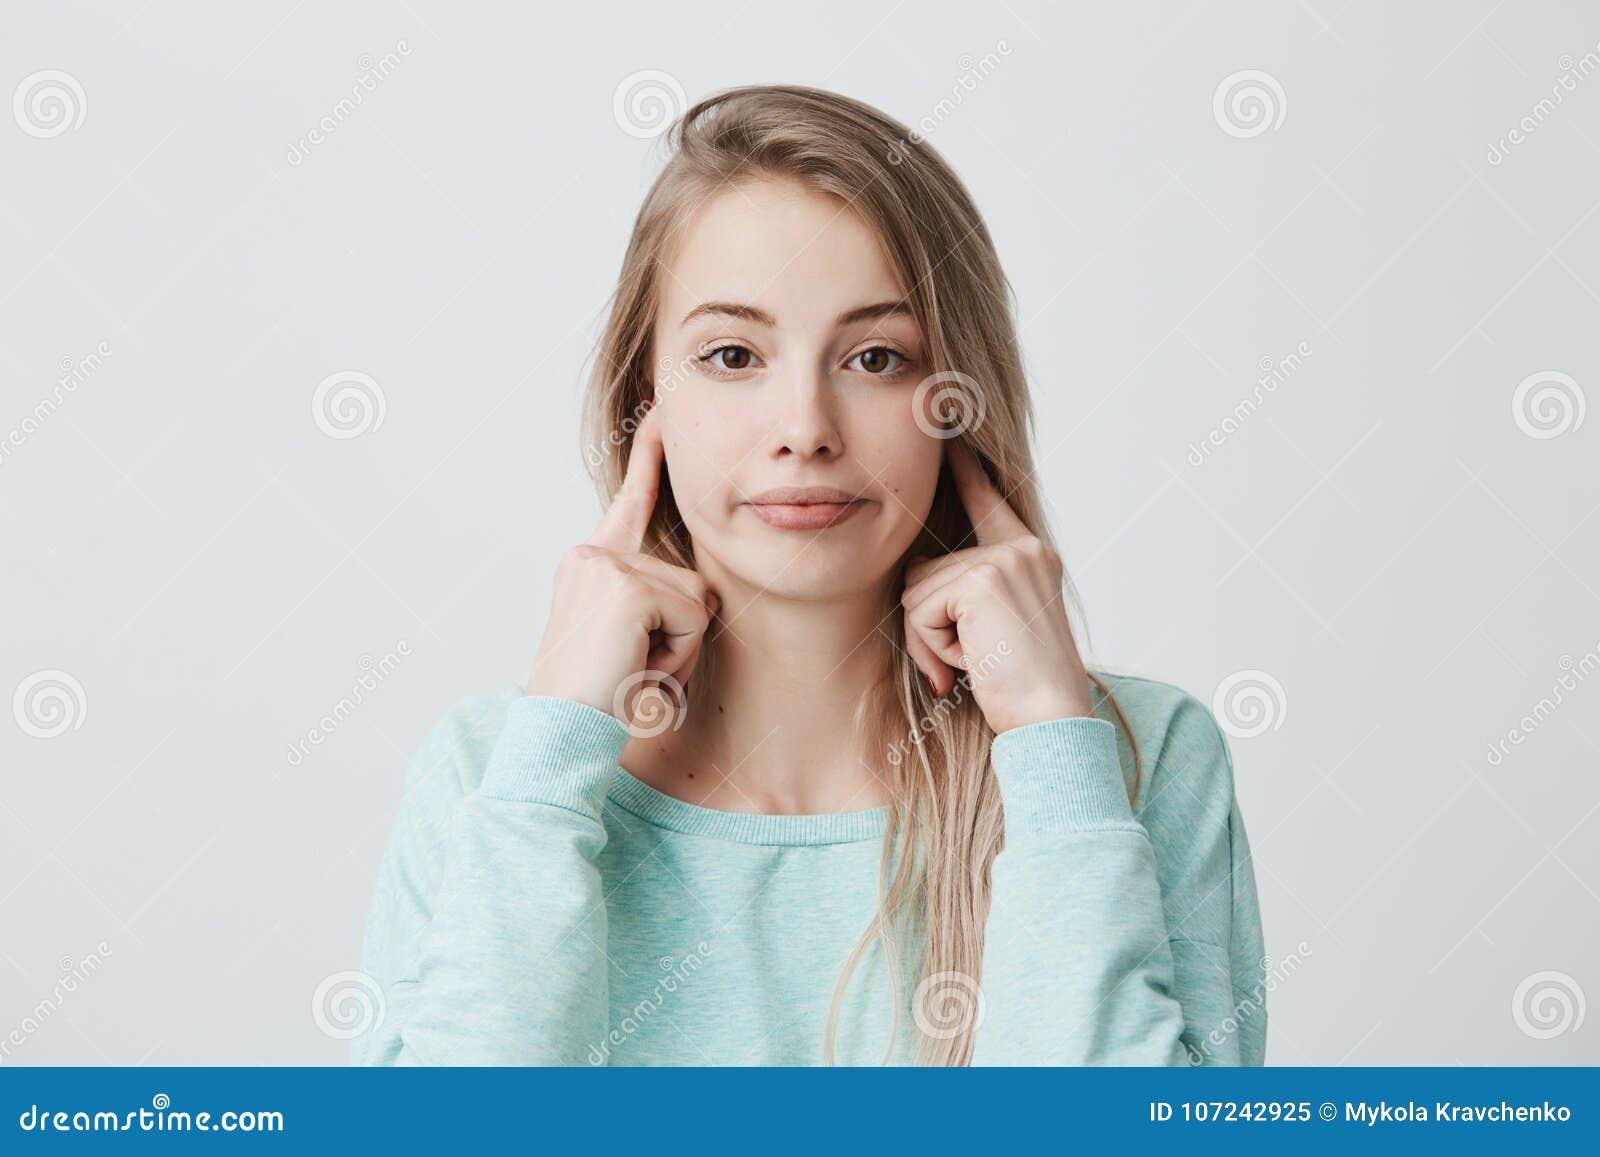 Emociones, reacción y actitud humanas negativas Frustrated molestó a la muchacha con el pelo teñido blonde que tapaba los oídos c